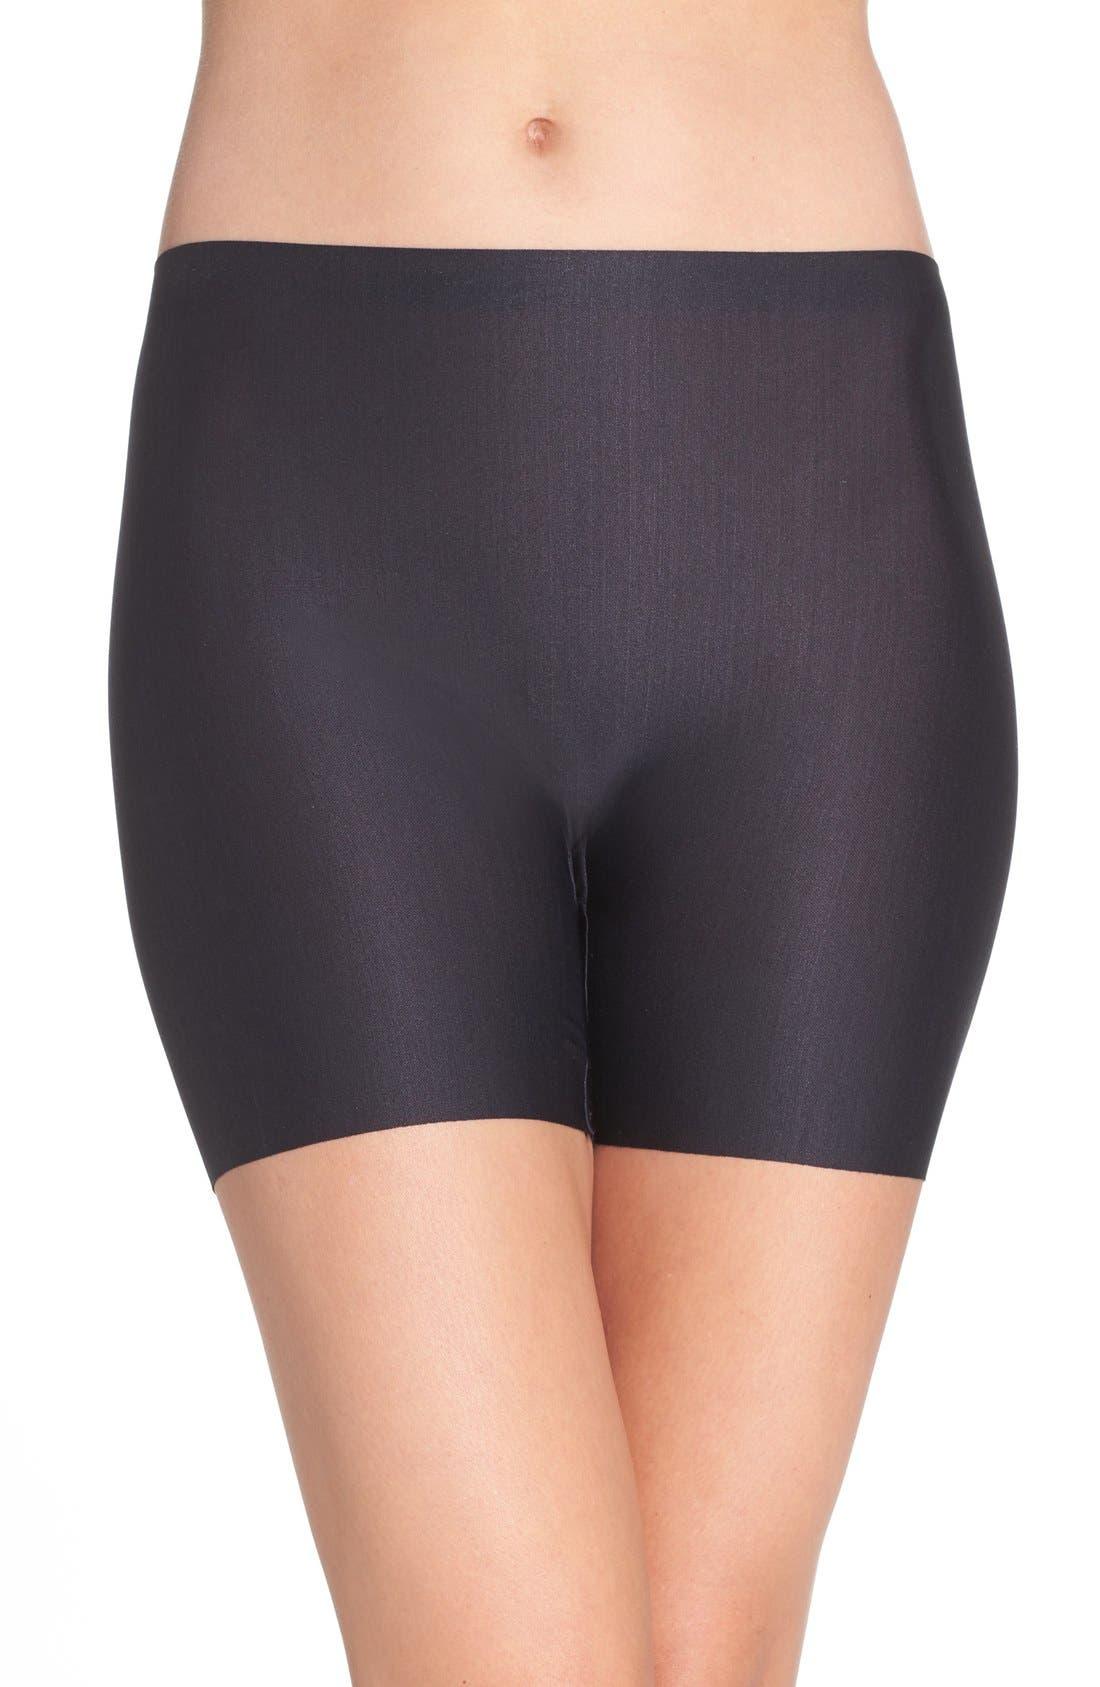 Body Base Smoothing Shorts,                             Main thumbnail 1, color,                             Black